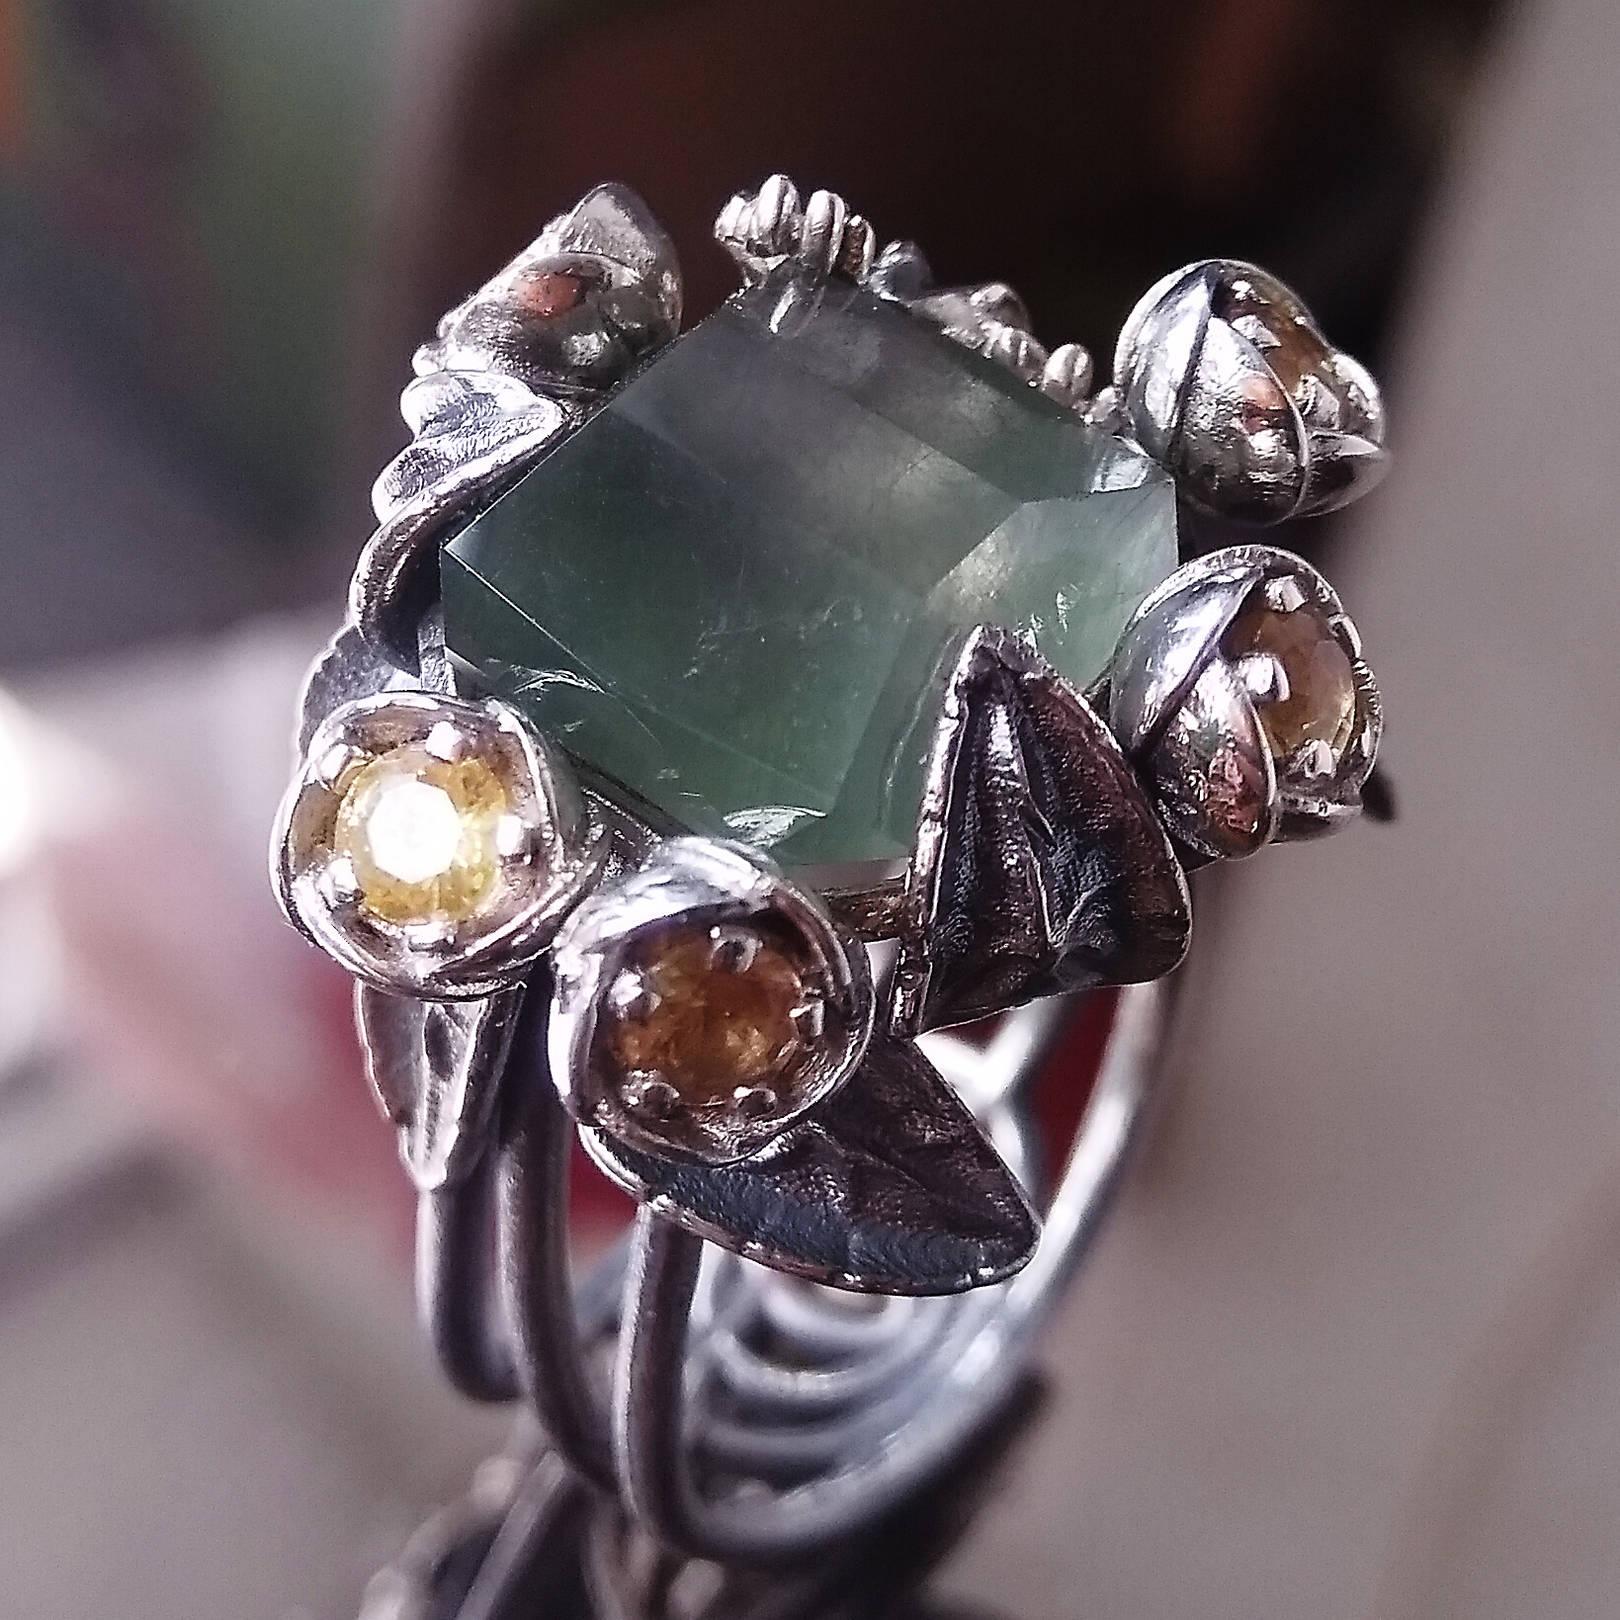 Волшебный камень - кварц с включением биссолита, и дал идею этому кольцу - кувшинки и лягушонок...